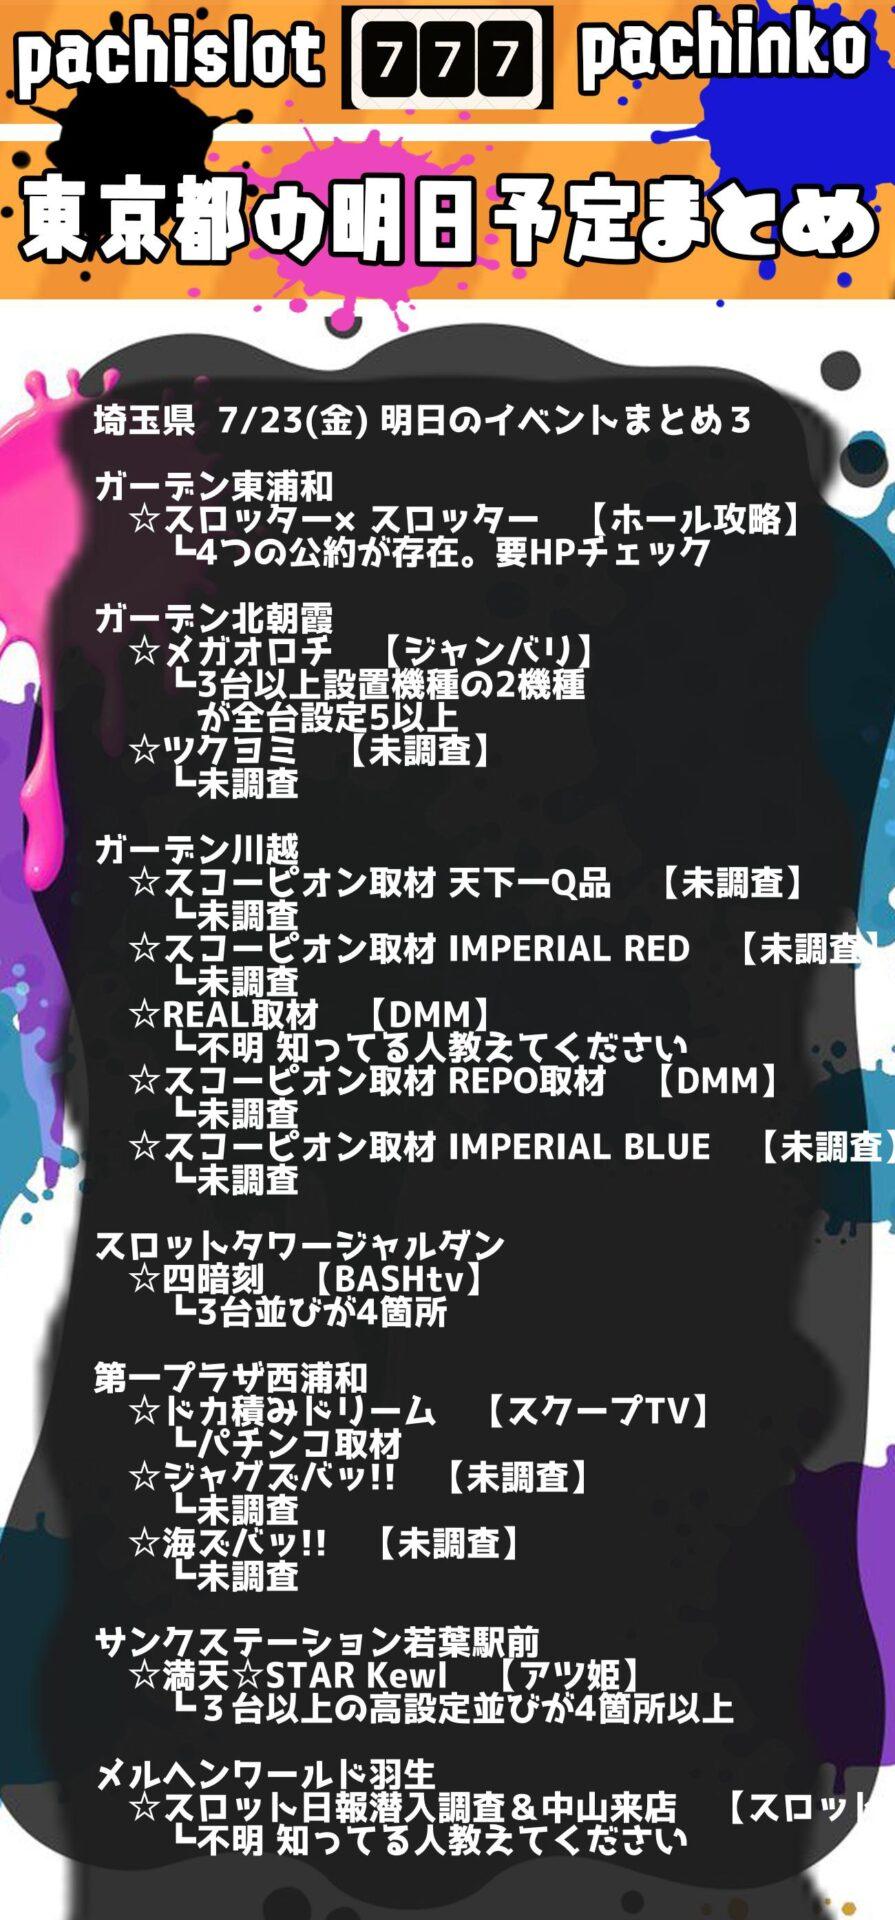 埼玉県_2021-07-23_パチンコ・パチスロ_イベント